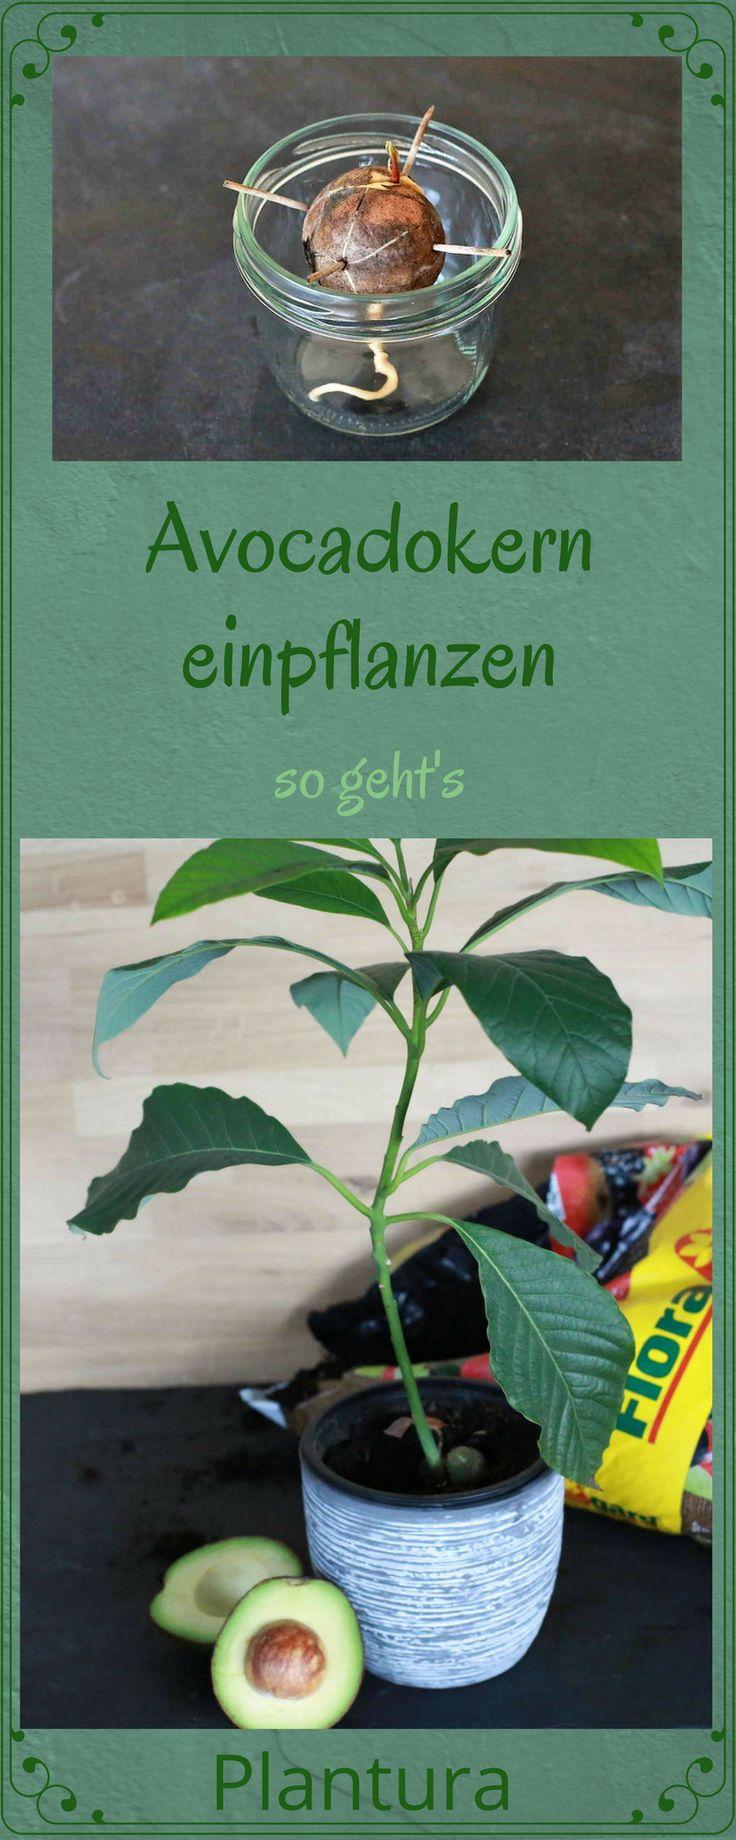 Anleitung: Avocado anpflanzen. Wie man den Avocadokern einpflanzen und so einen wunderschönen Avocadobaum ziehen kann. #Avocado #Avocadokern #anpflanzen